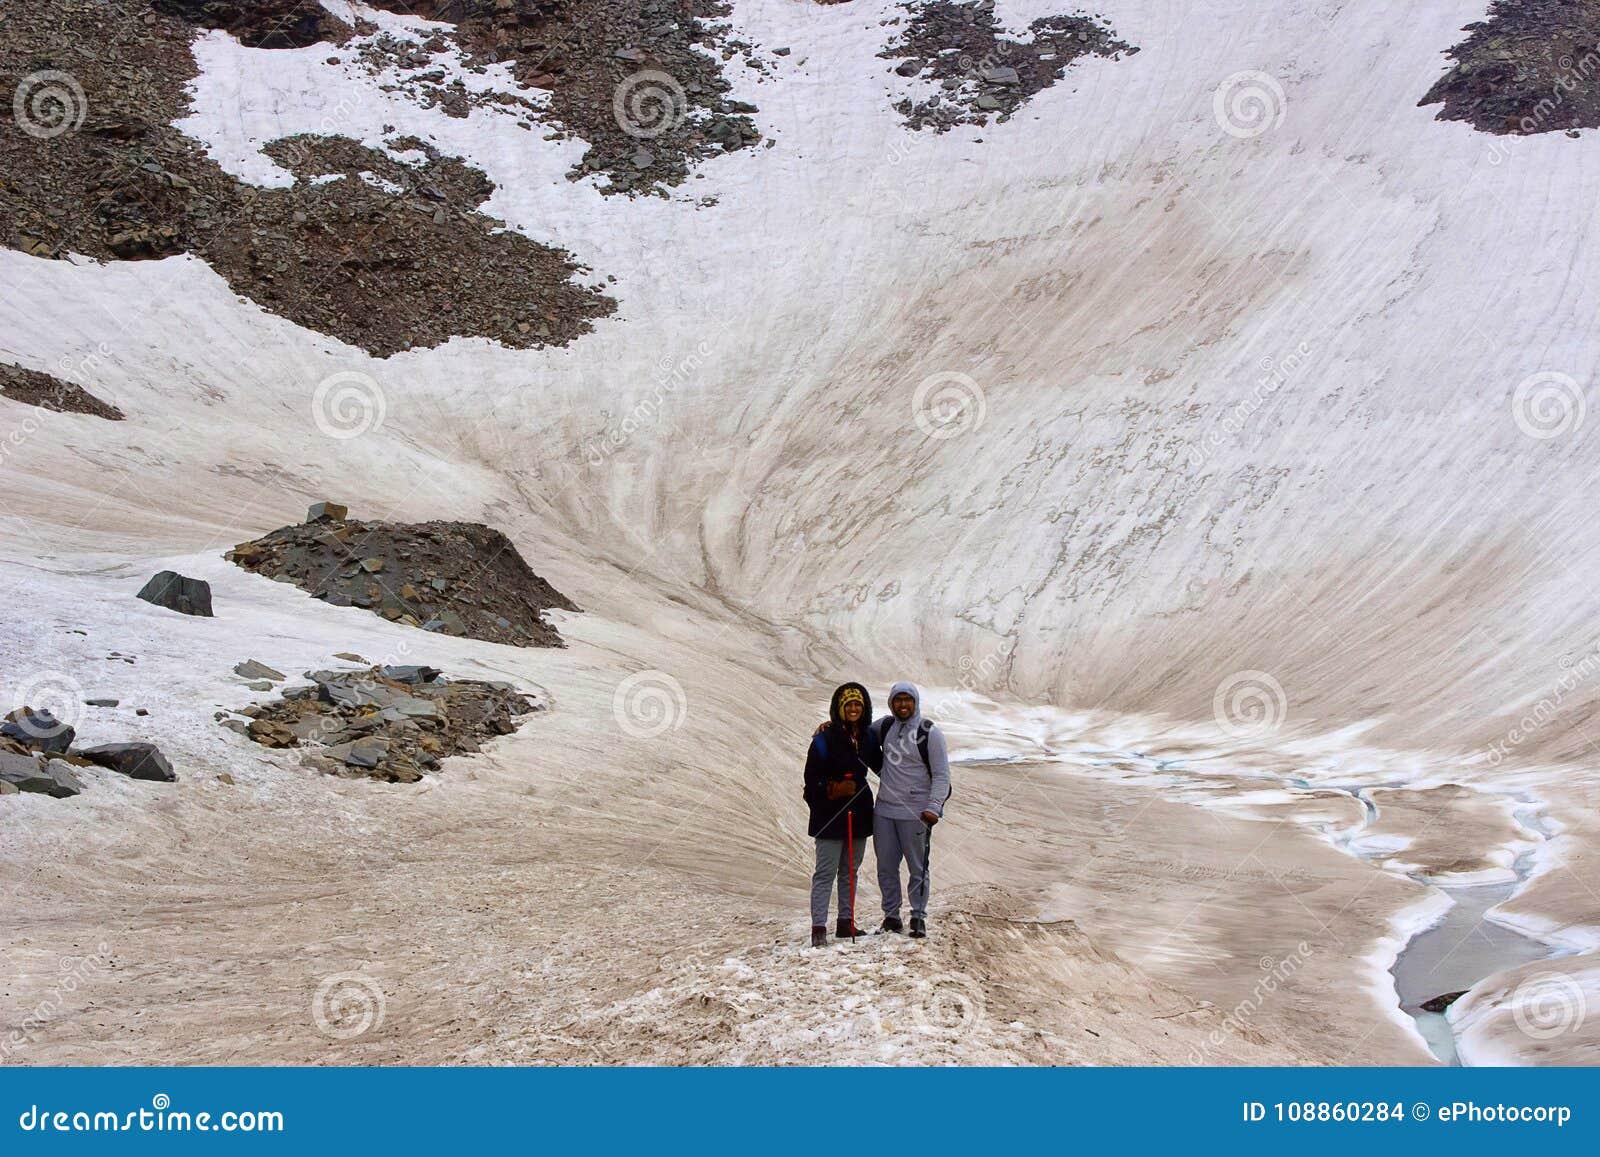 Un couple de trekker le posant pour une photo dedans milieu de leur aventure glaciale Himachal Pradesh